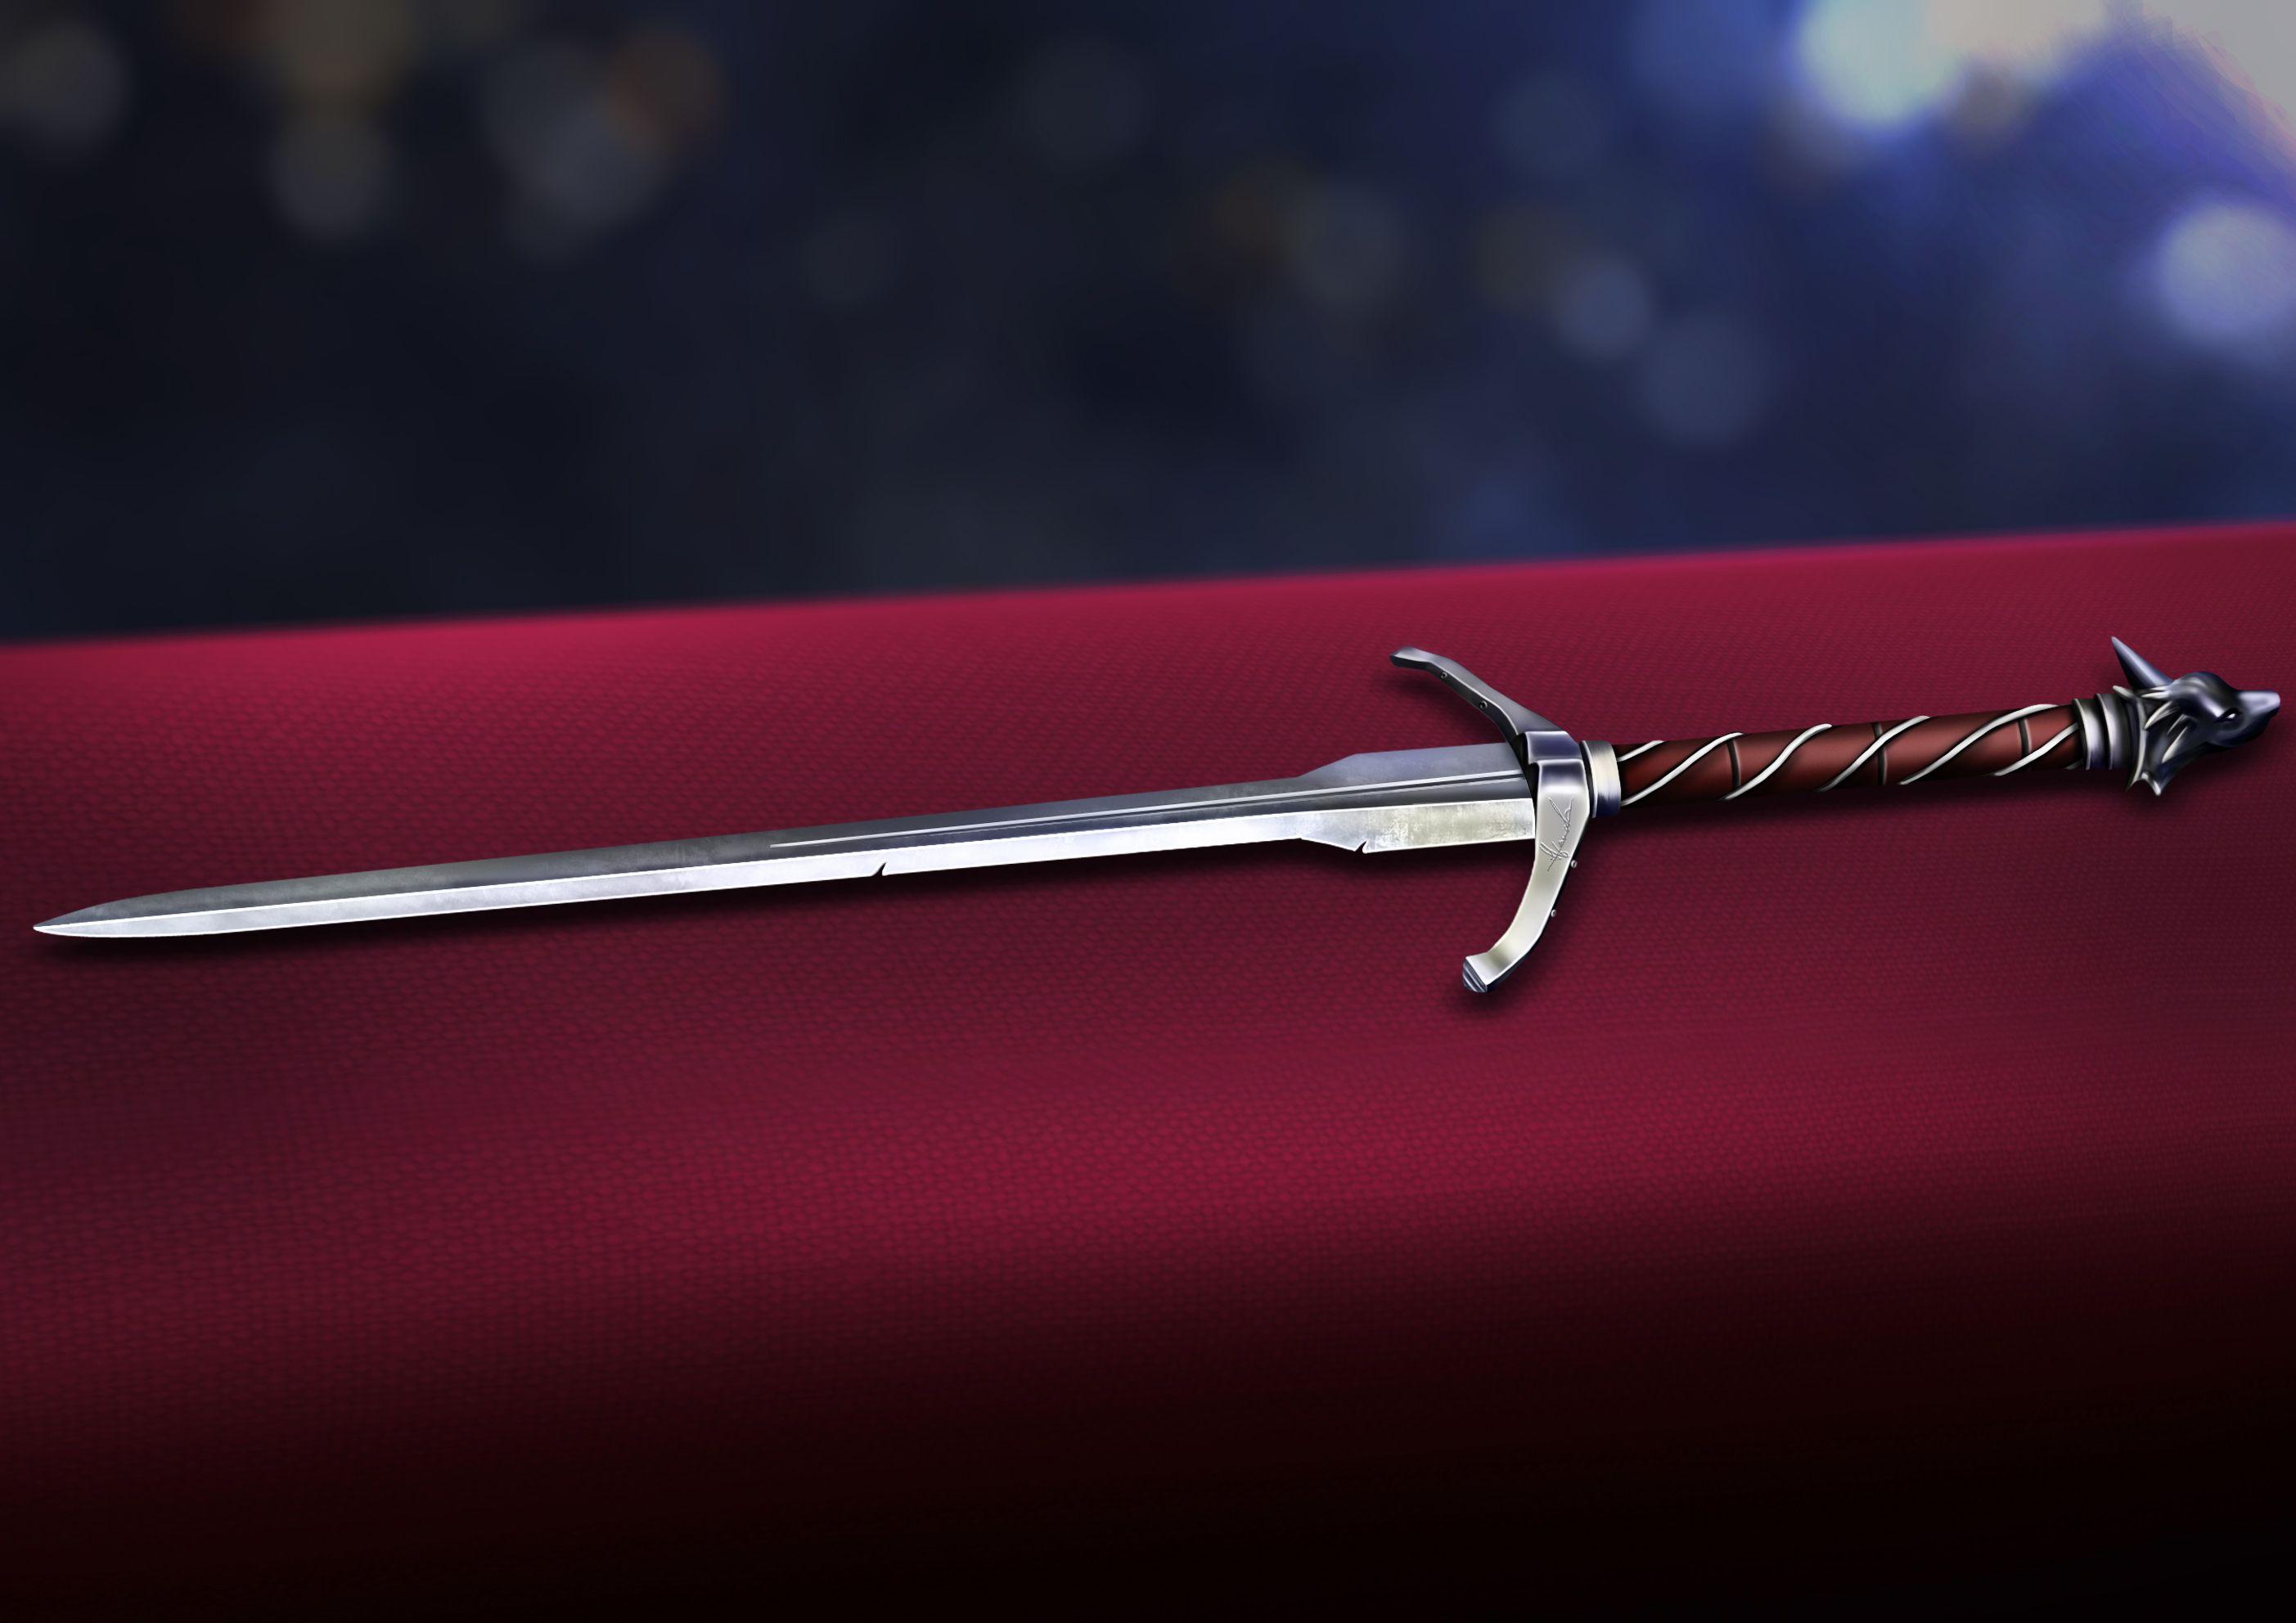 жесткими непослушными меч ведьмака фото космосе происходят